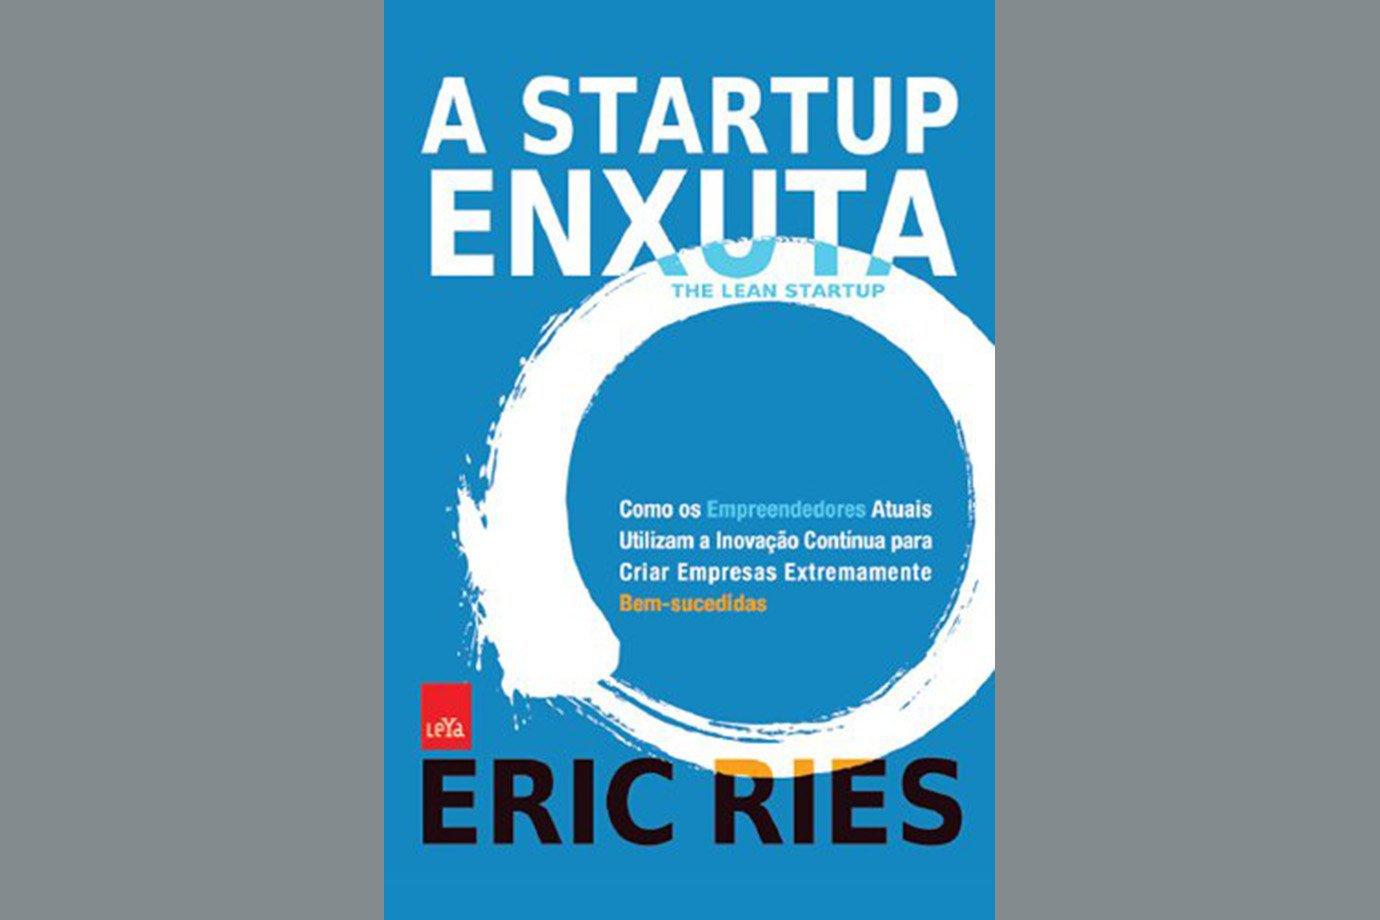 A Startup Enxuta, de Eric Ries